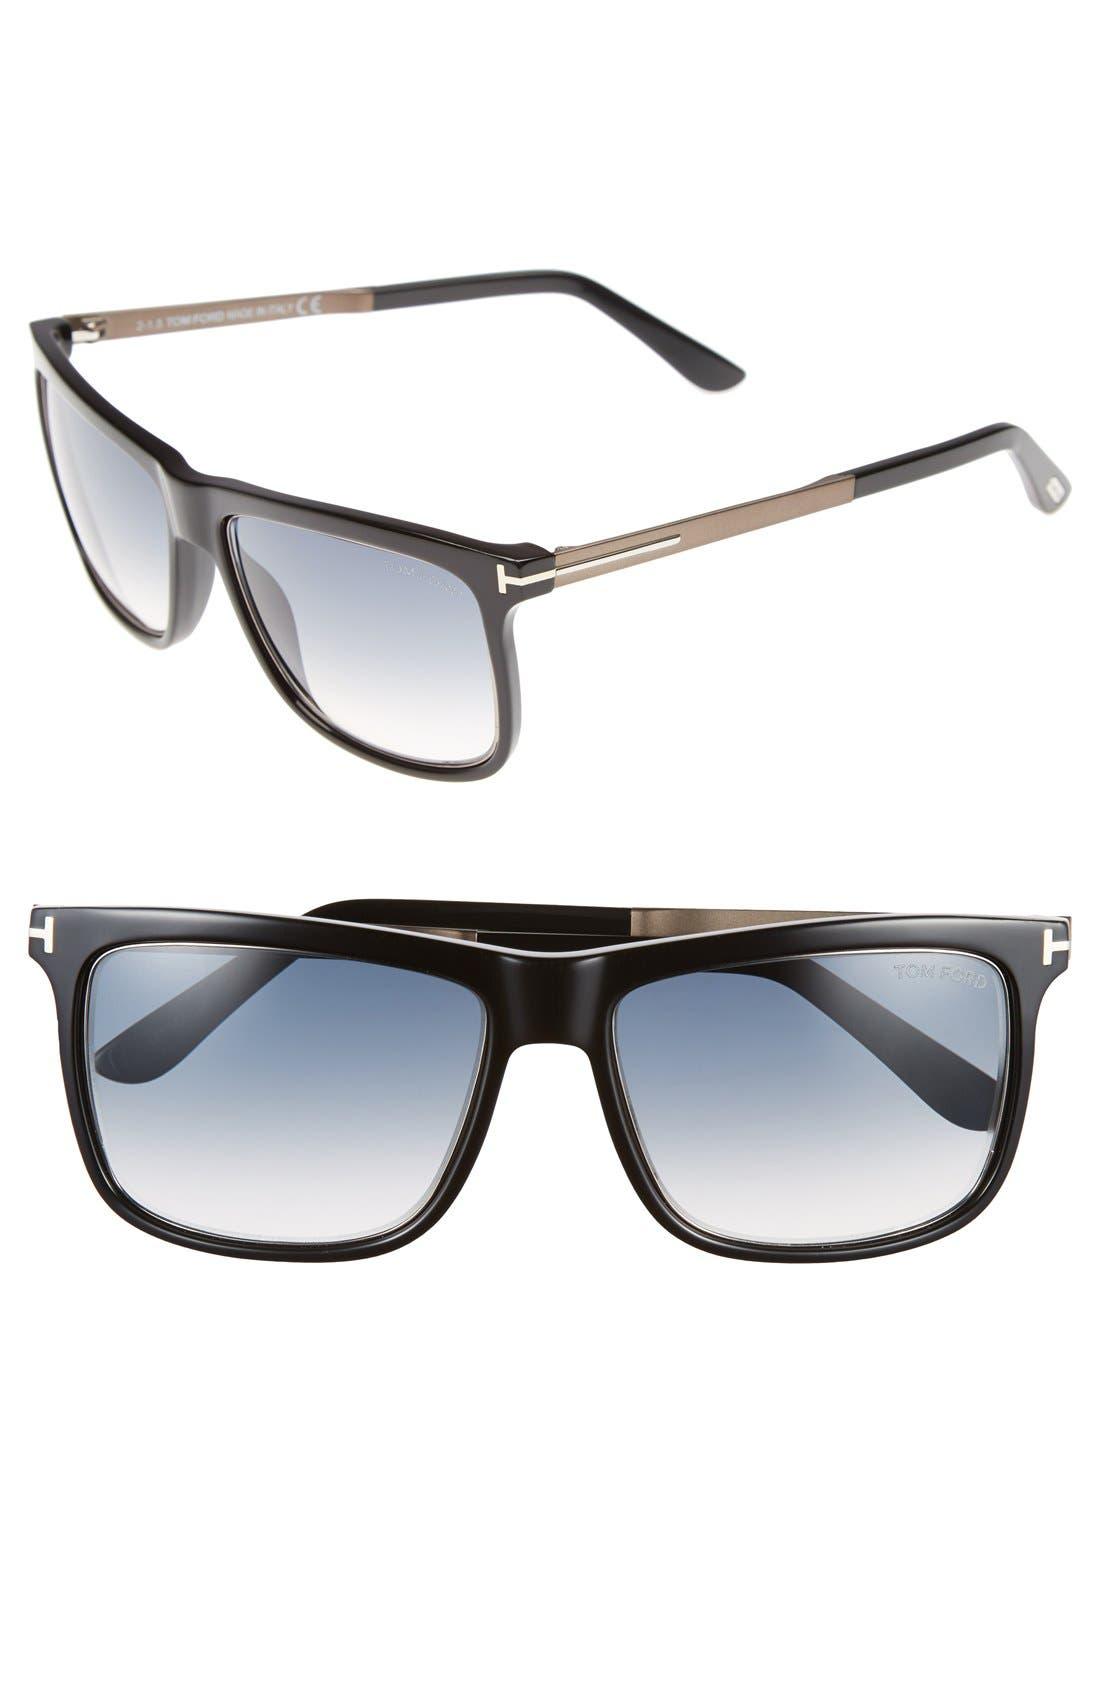 'Karlie' 57mm Retro Sunglasses,                             Main thumbnail 1, color,                             Matte Black/ Gradient Blue